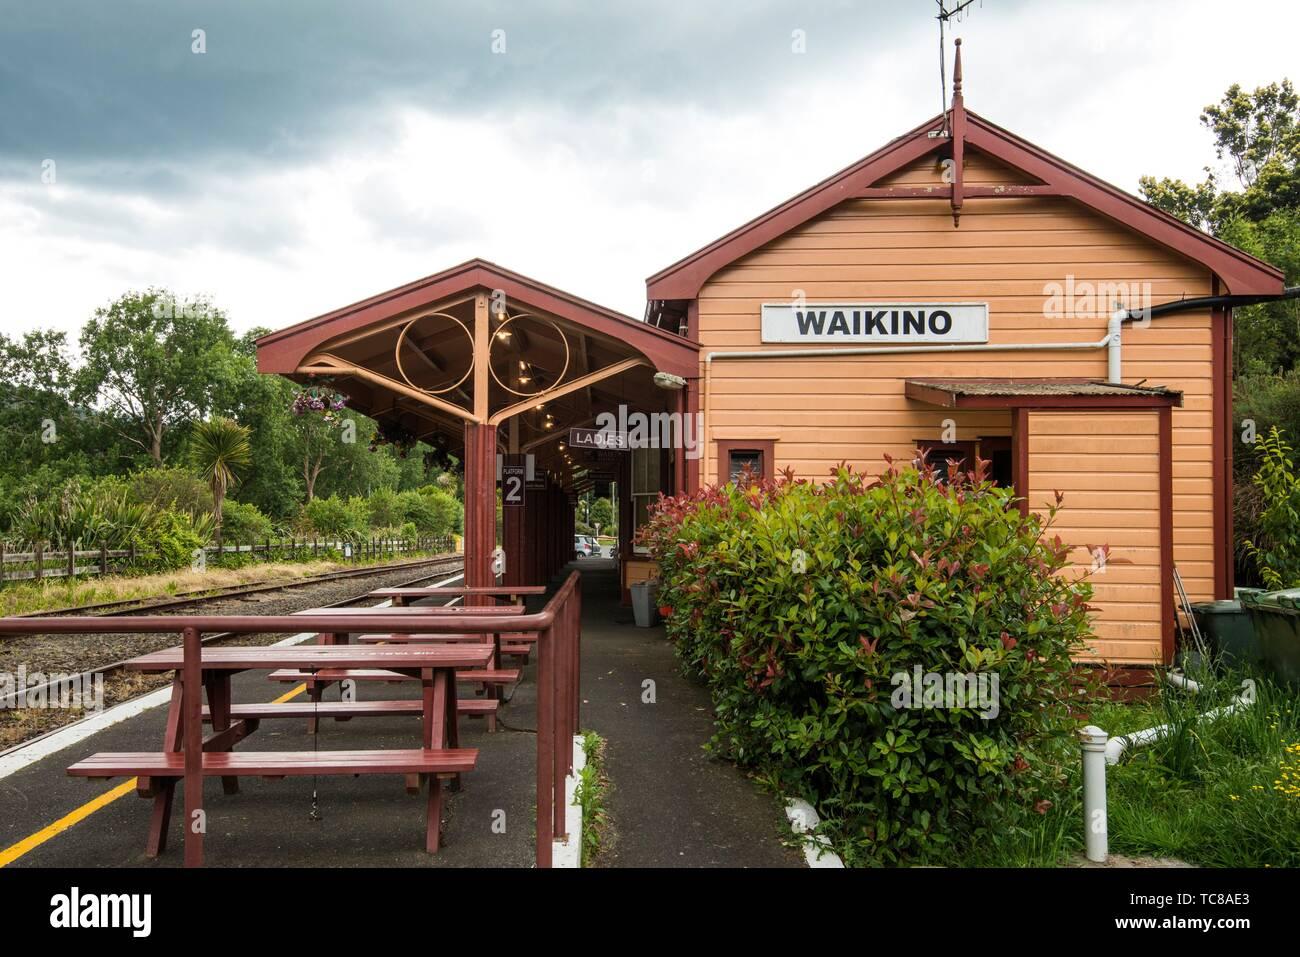 Estación Waikino en el Hauraki Rail Trail, ciclismo de ruta en la Isla Norte de Nueva Zelanda. Foto de stock